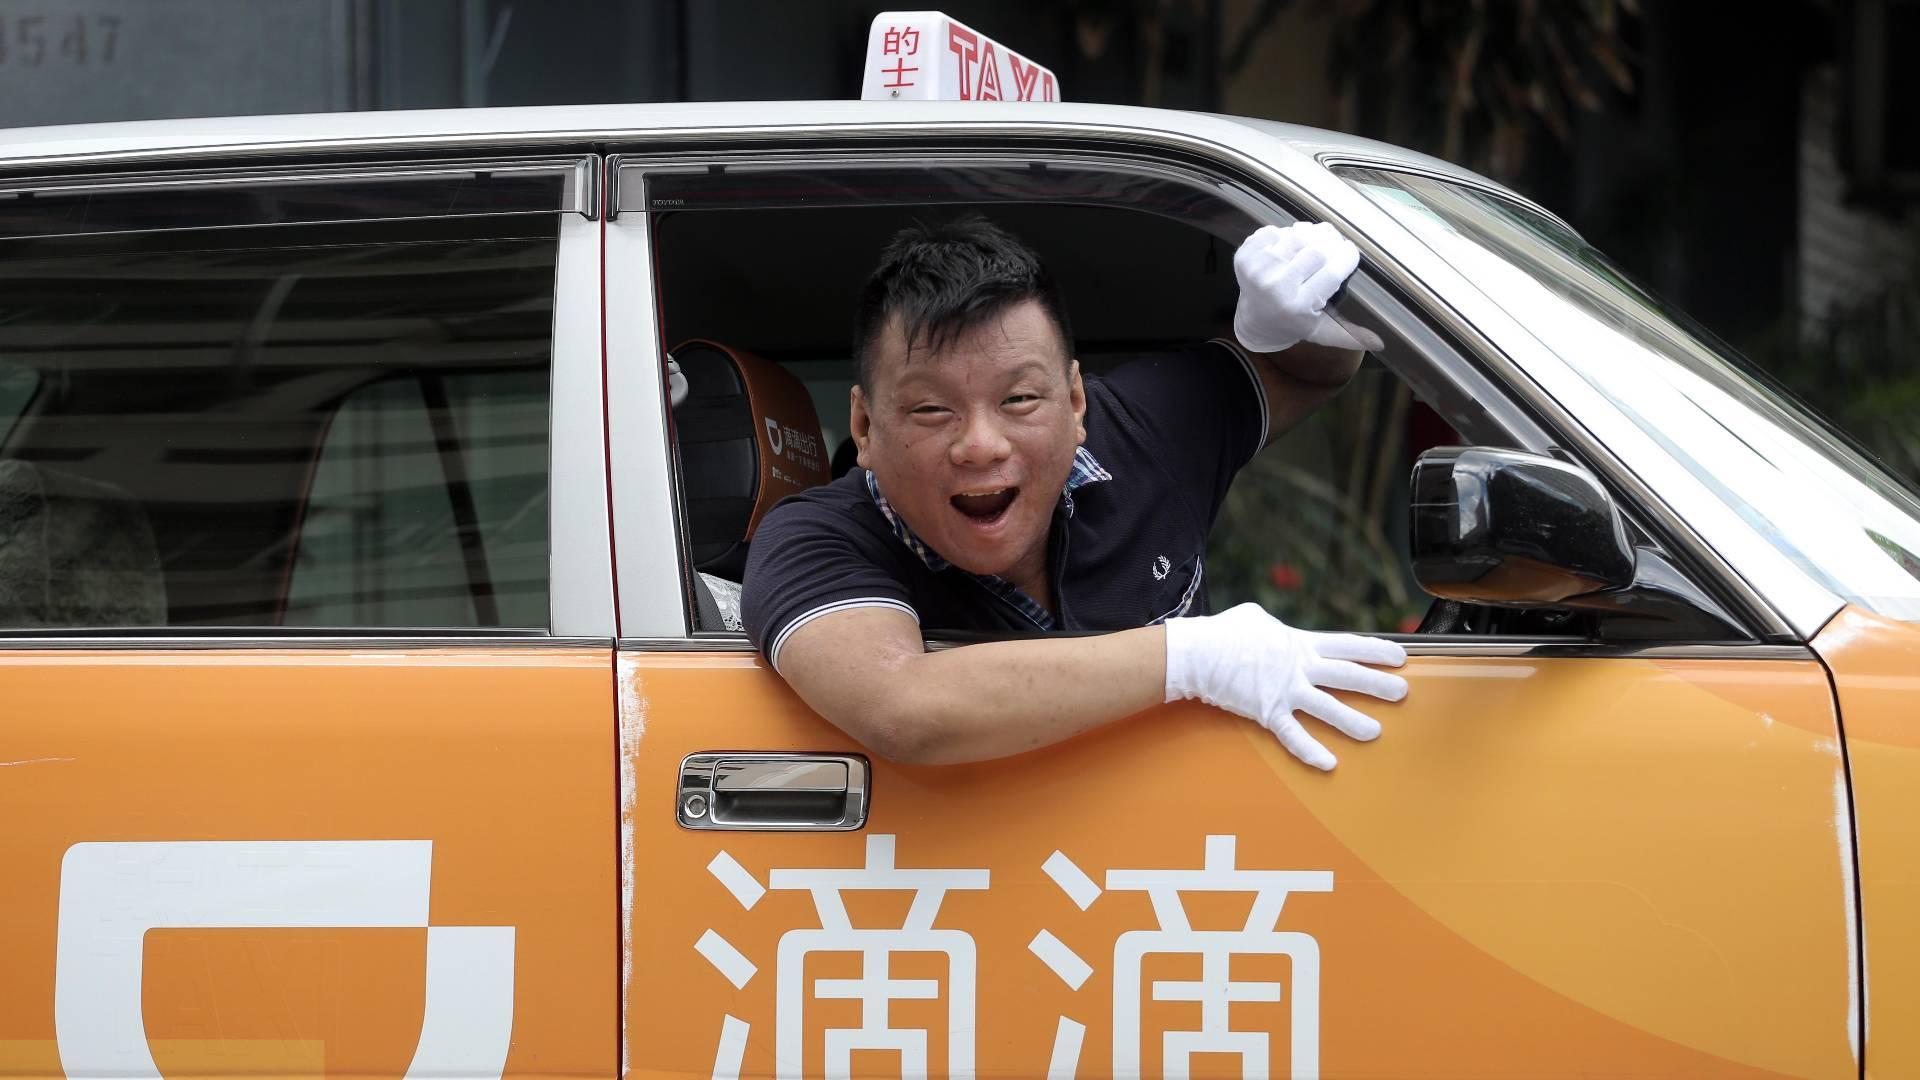 Центральное китайское такси. Сервис Didi может убить 'Яндекс.Такси' и 'Ситимобил' в России